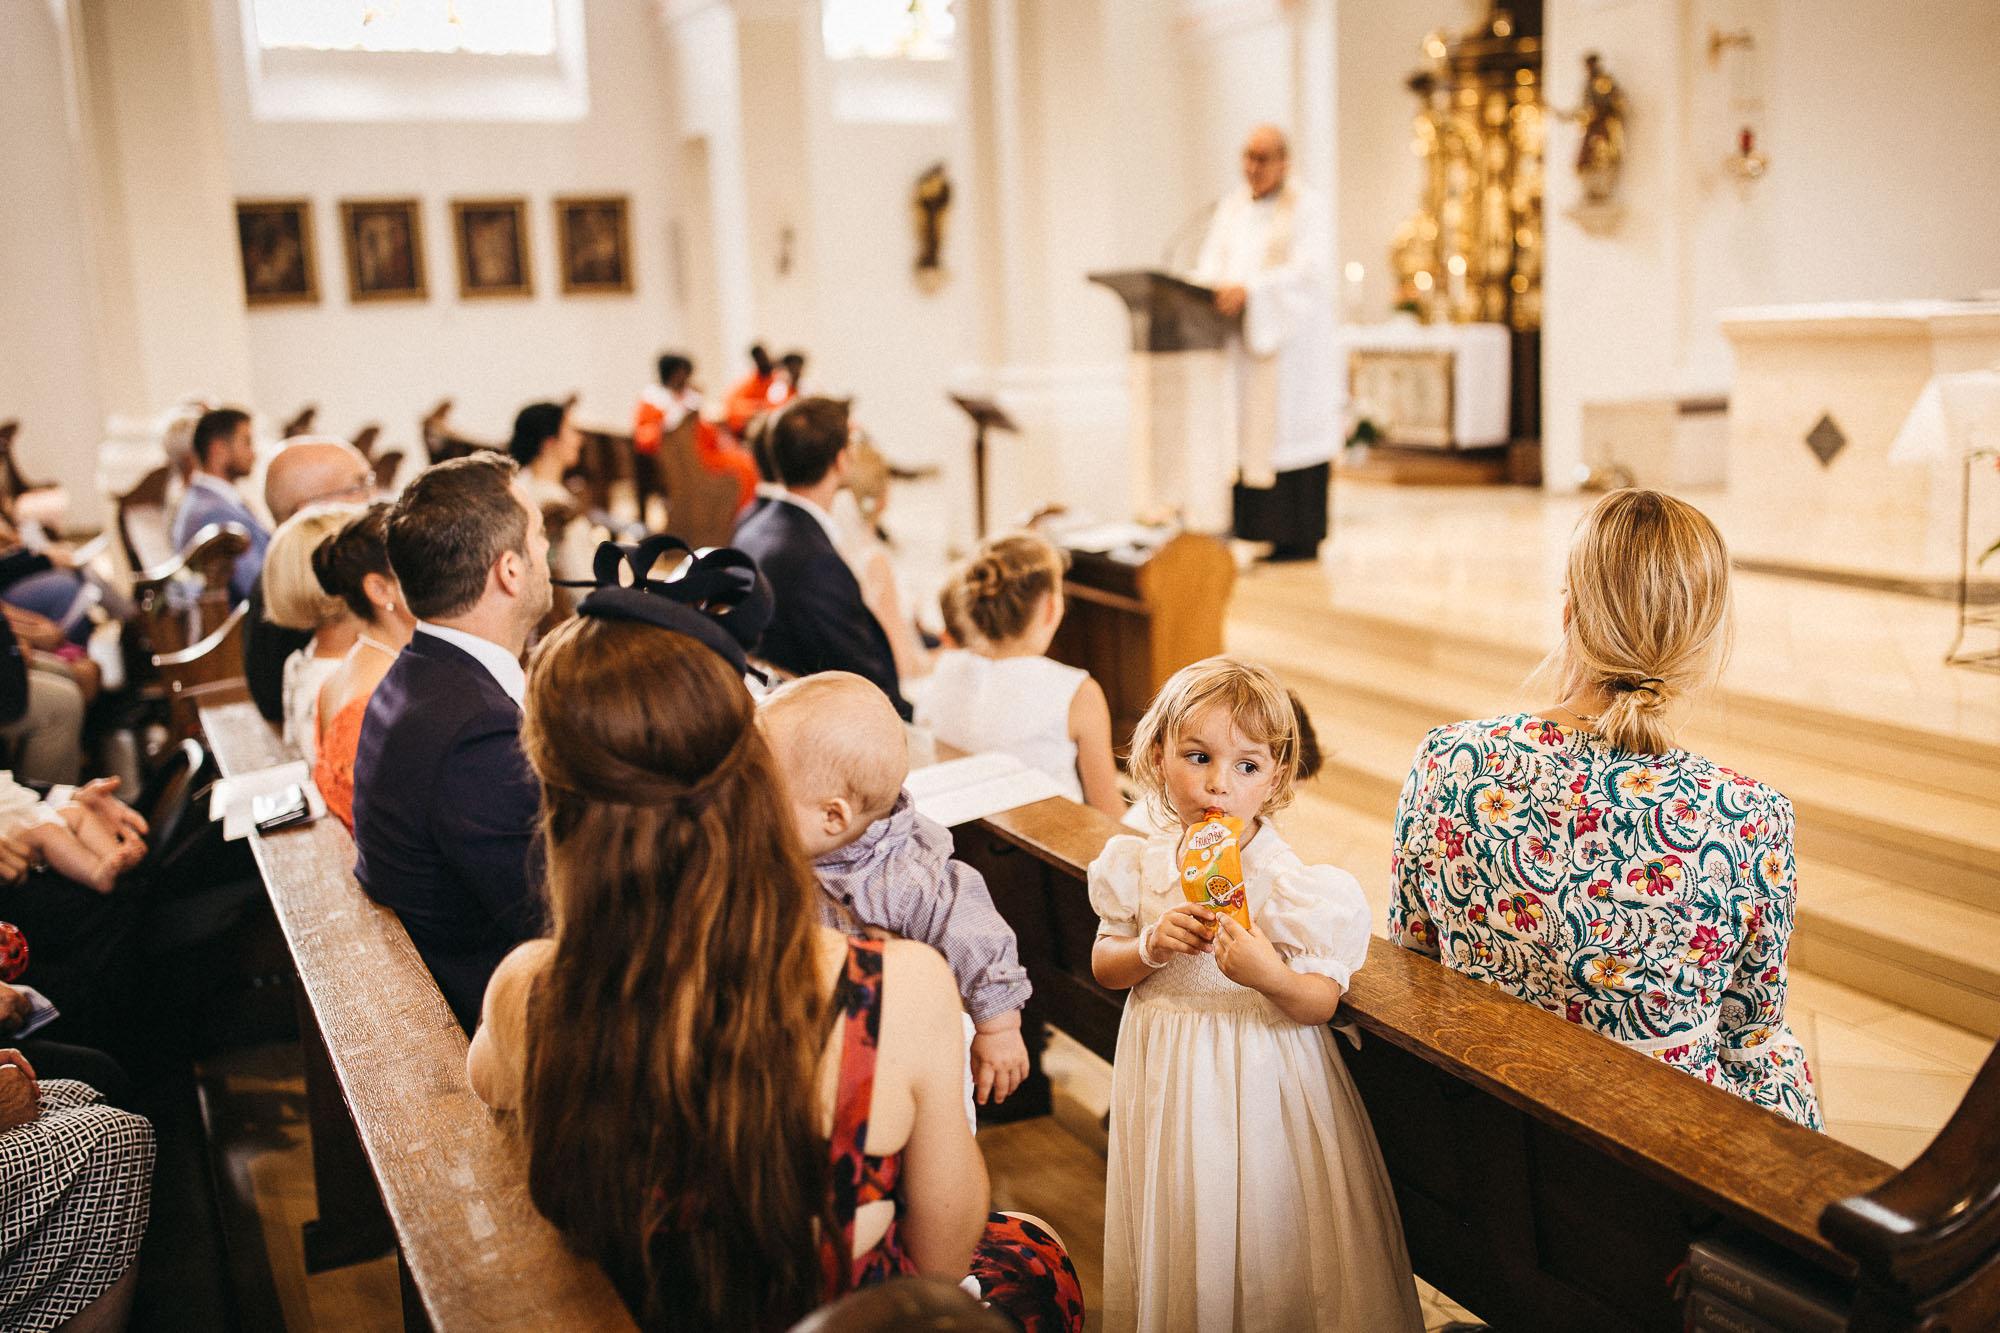 raissa simon photography wedding mosel kloster machern love authentic 170 - Kathrin + Dominik